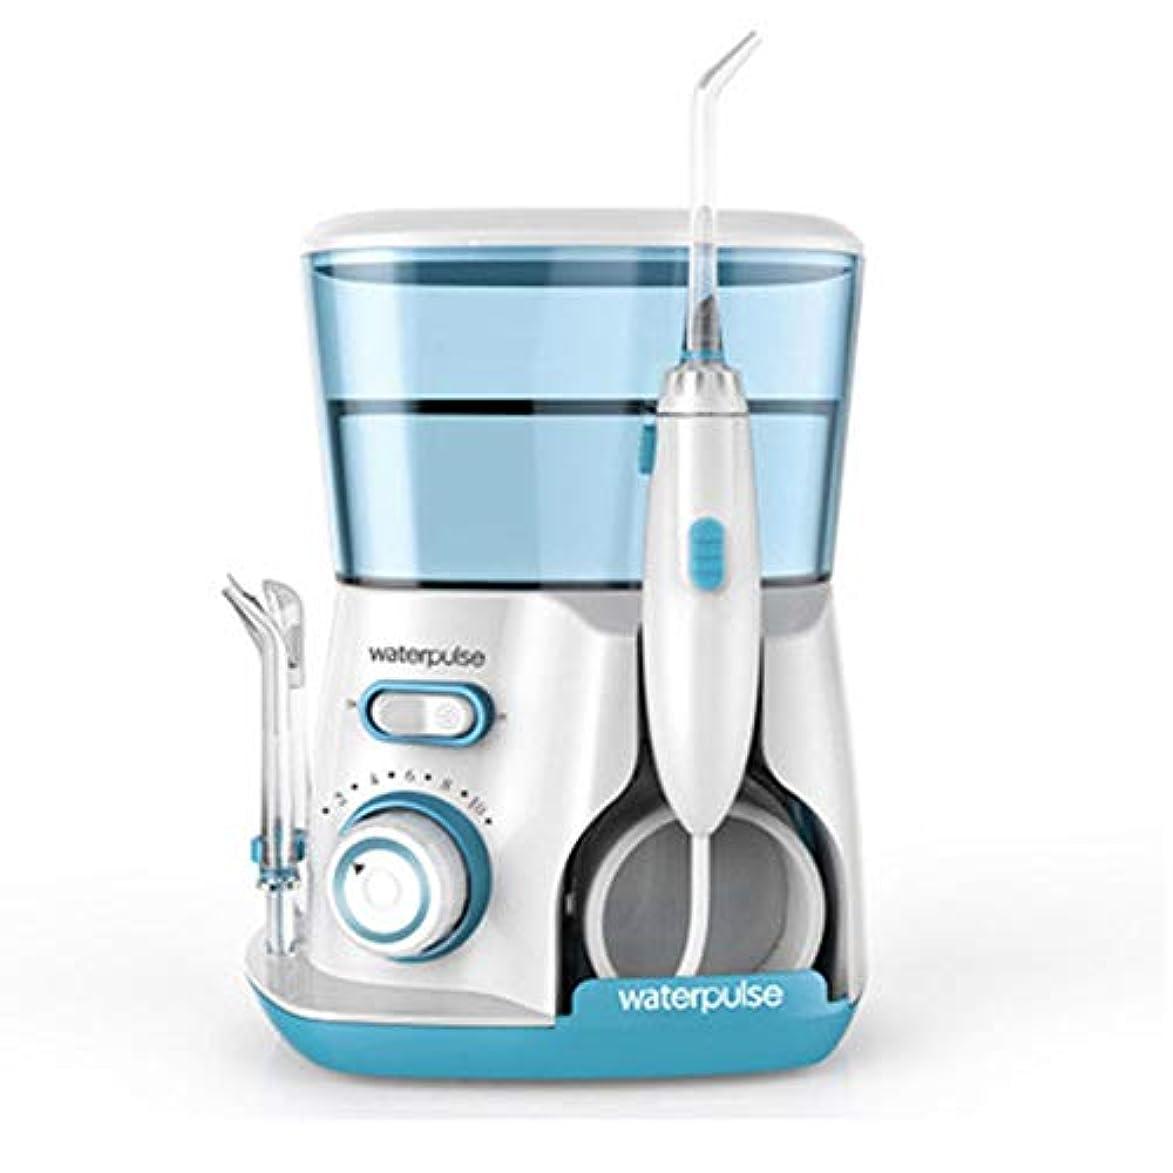 汚物違反ベテラン水の容量800mlの5つの多機能ヒントのカウンタートップ歯科口腔洗浄器でリークプルーフ電気静かな設計ホーム&トラベル (色 : Green)